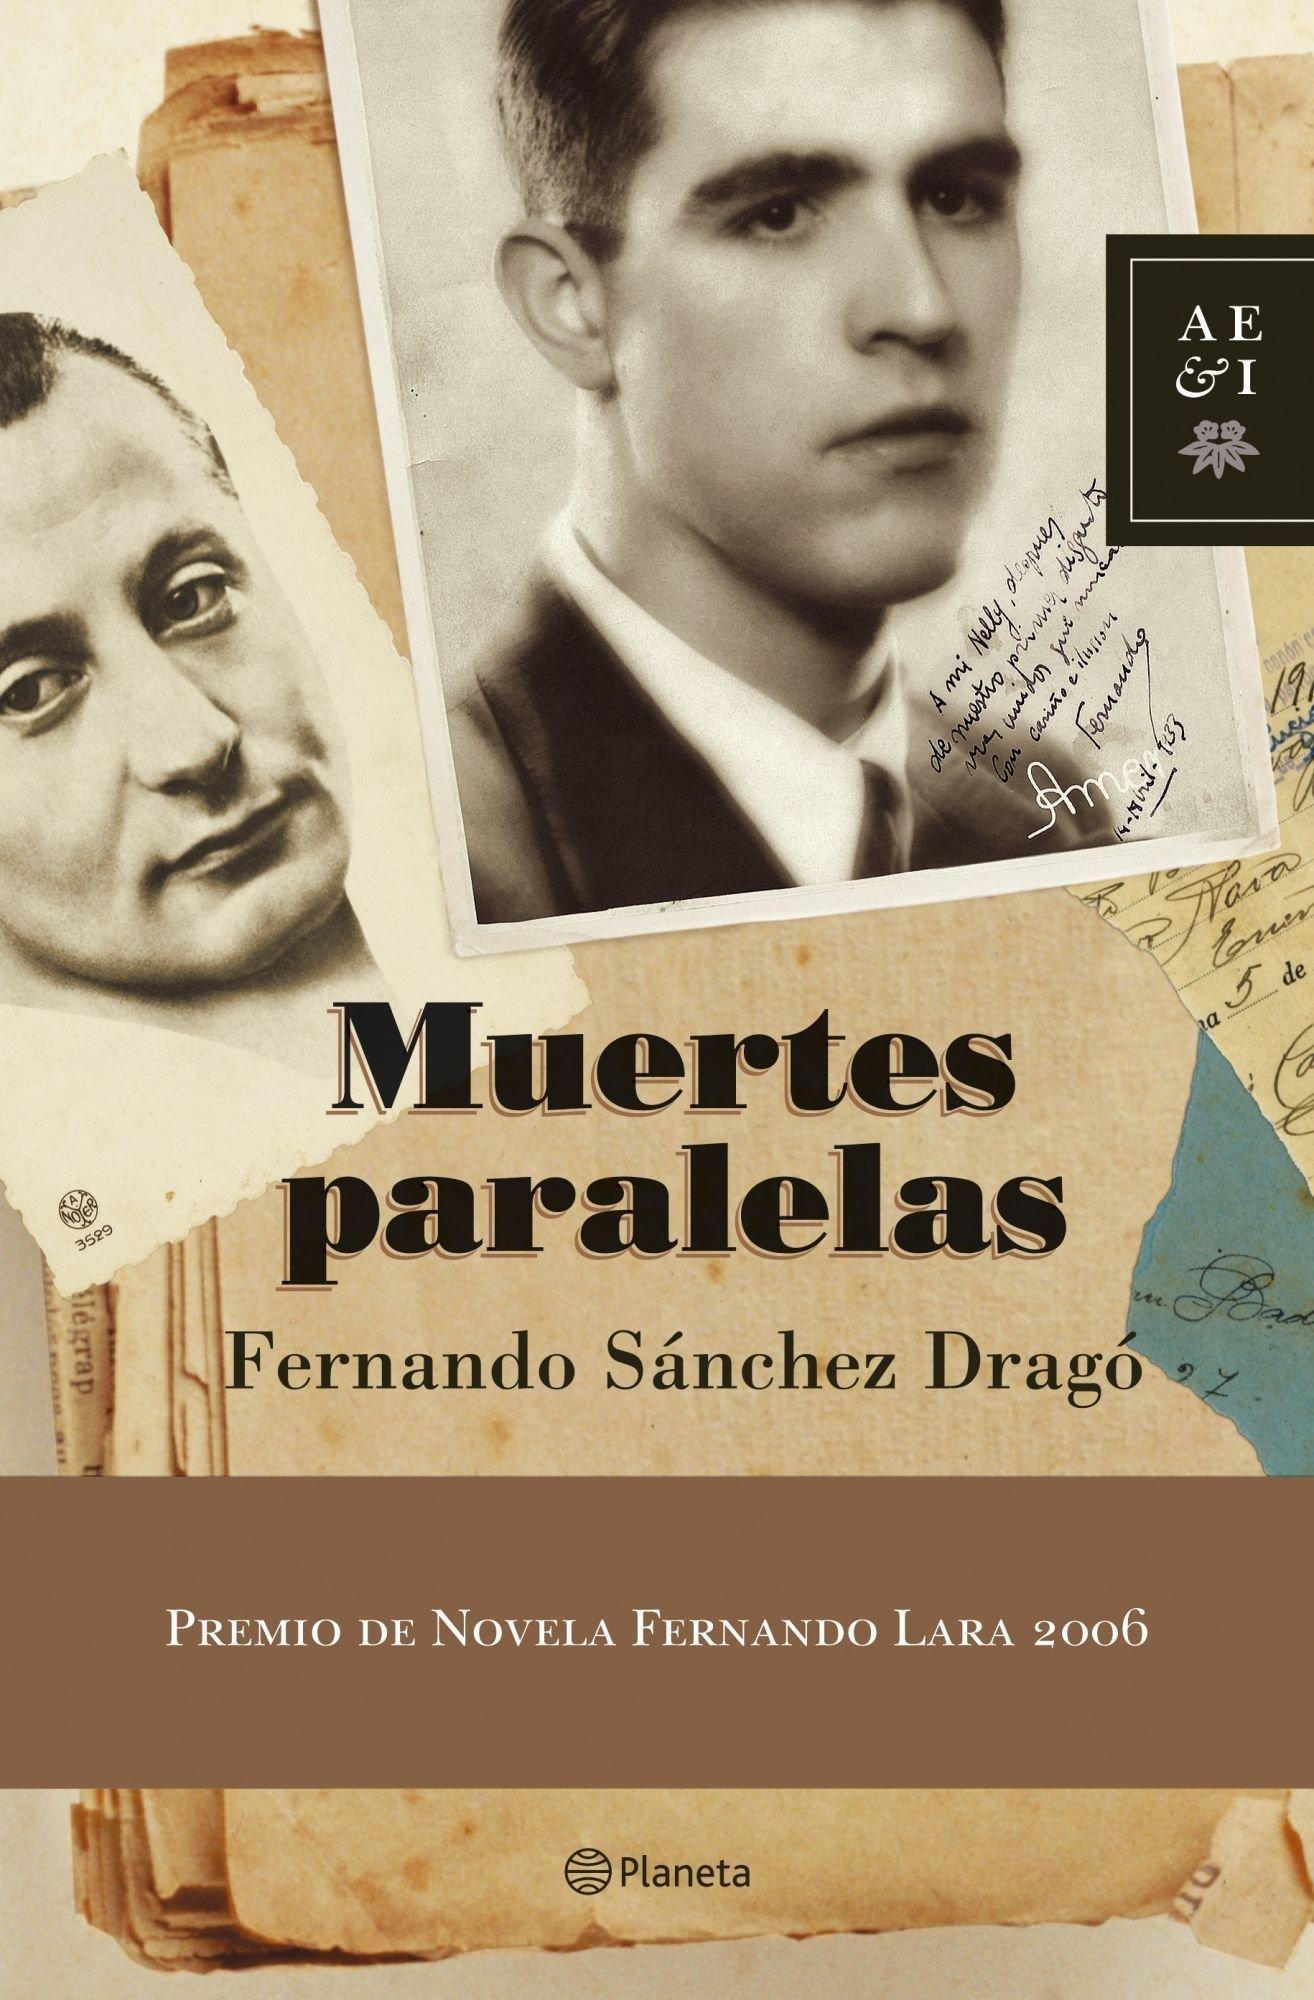 Muertes paralelas Autores Españoles e Iberoamericanos: Amazon.es: Sánchez Dragó, Fernando: Libros